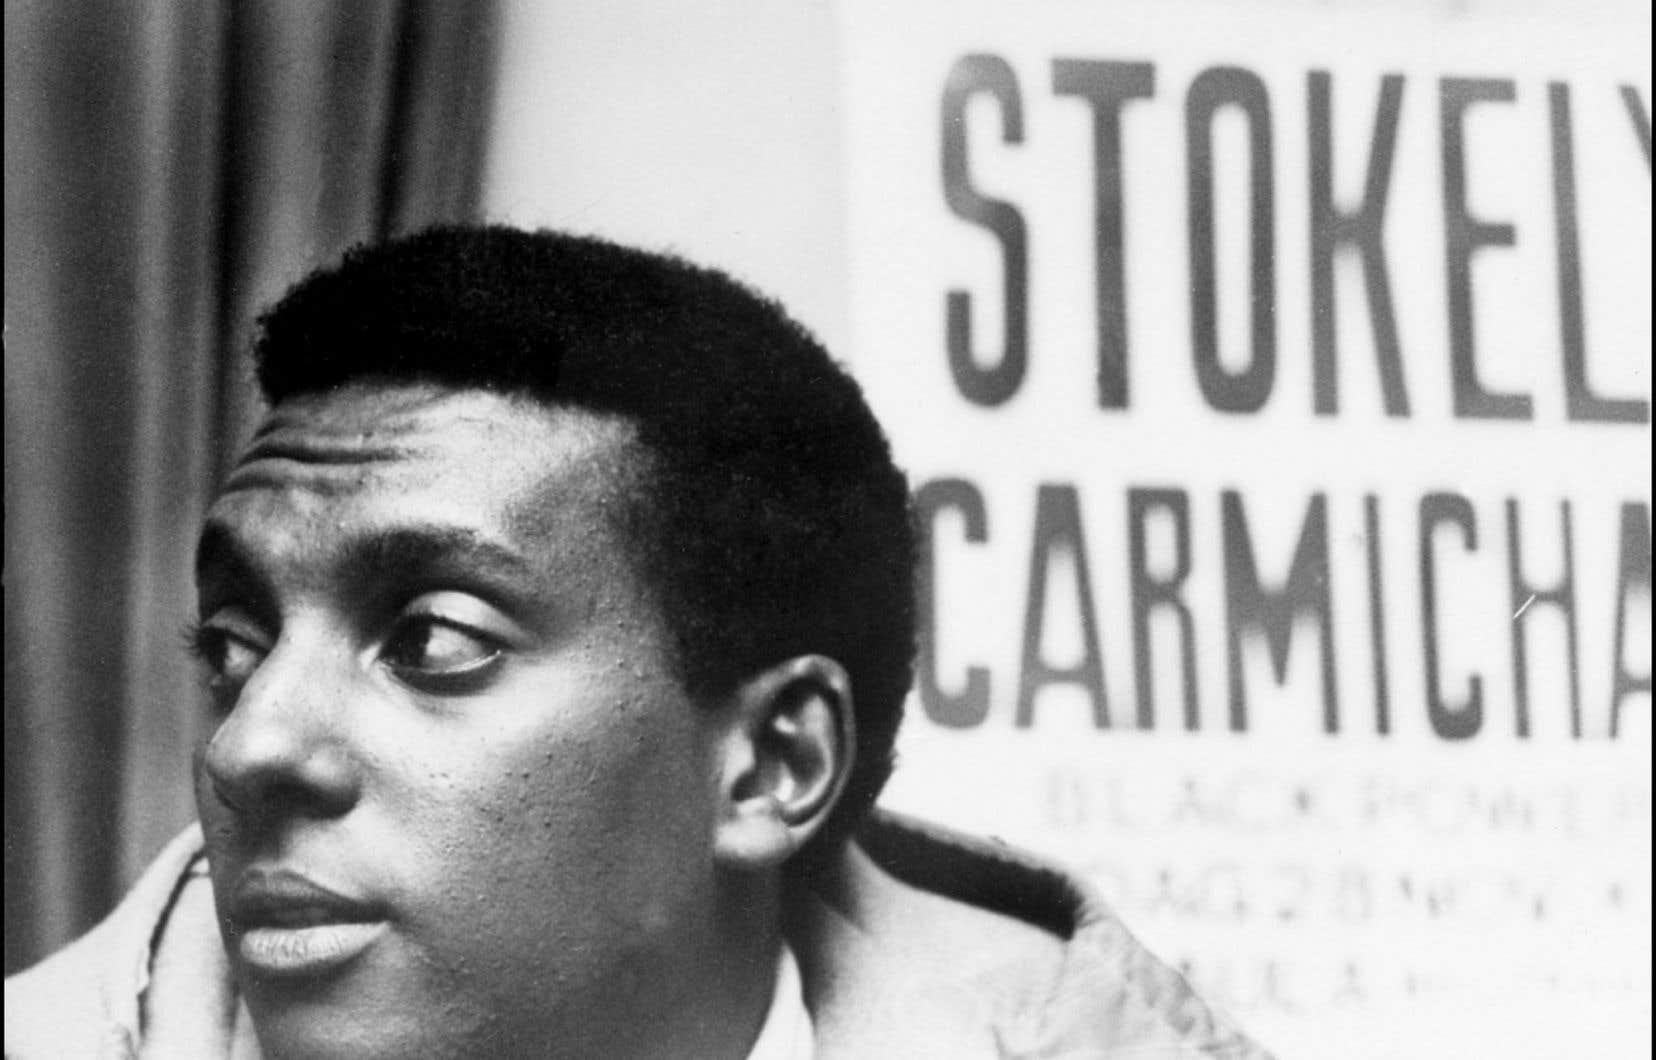 L'orateur Stokely Carmichael s'est illustré au Congrès des écrivains noirs, qui s'est tenu en octobre 1968 à McGill.